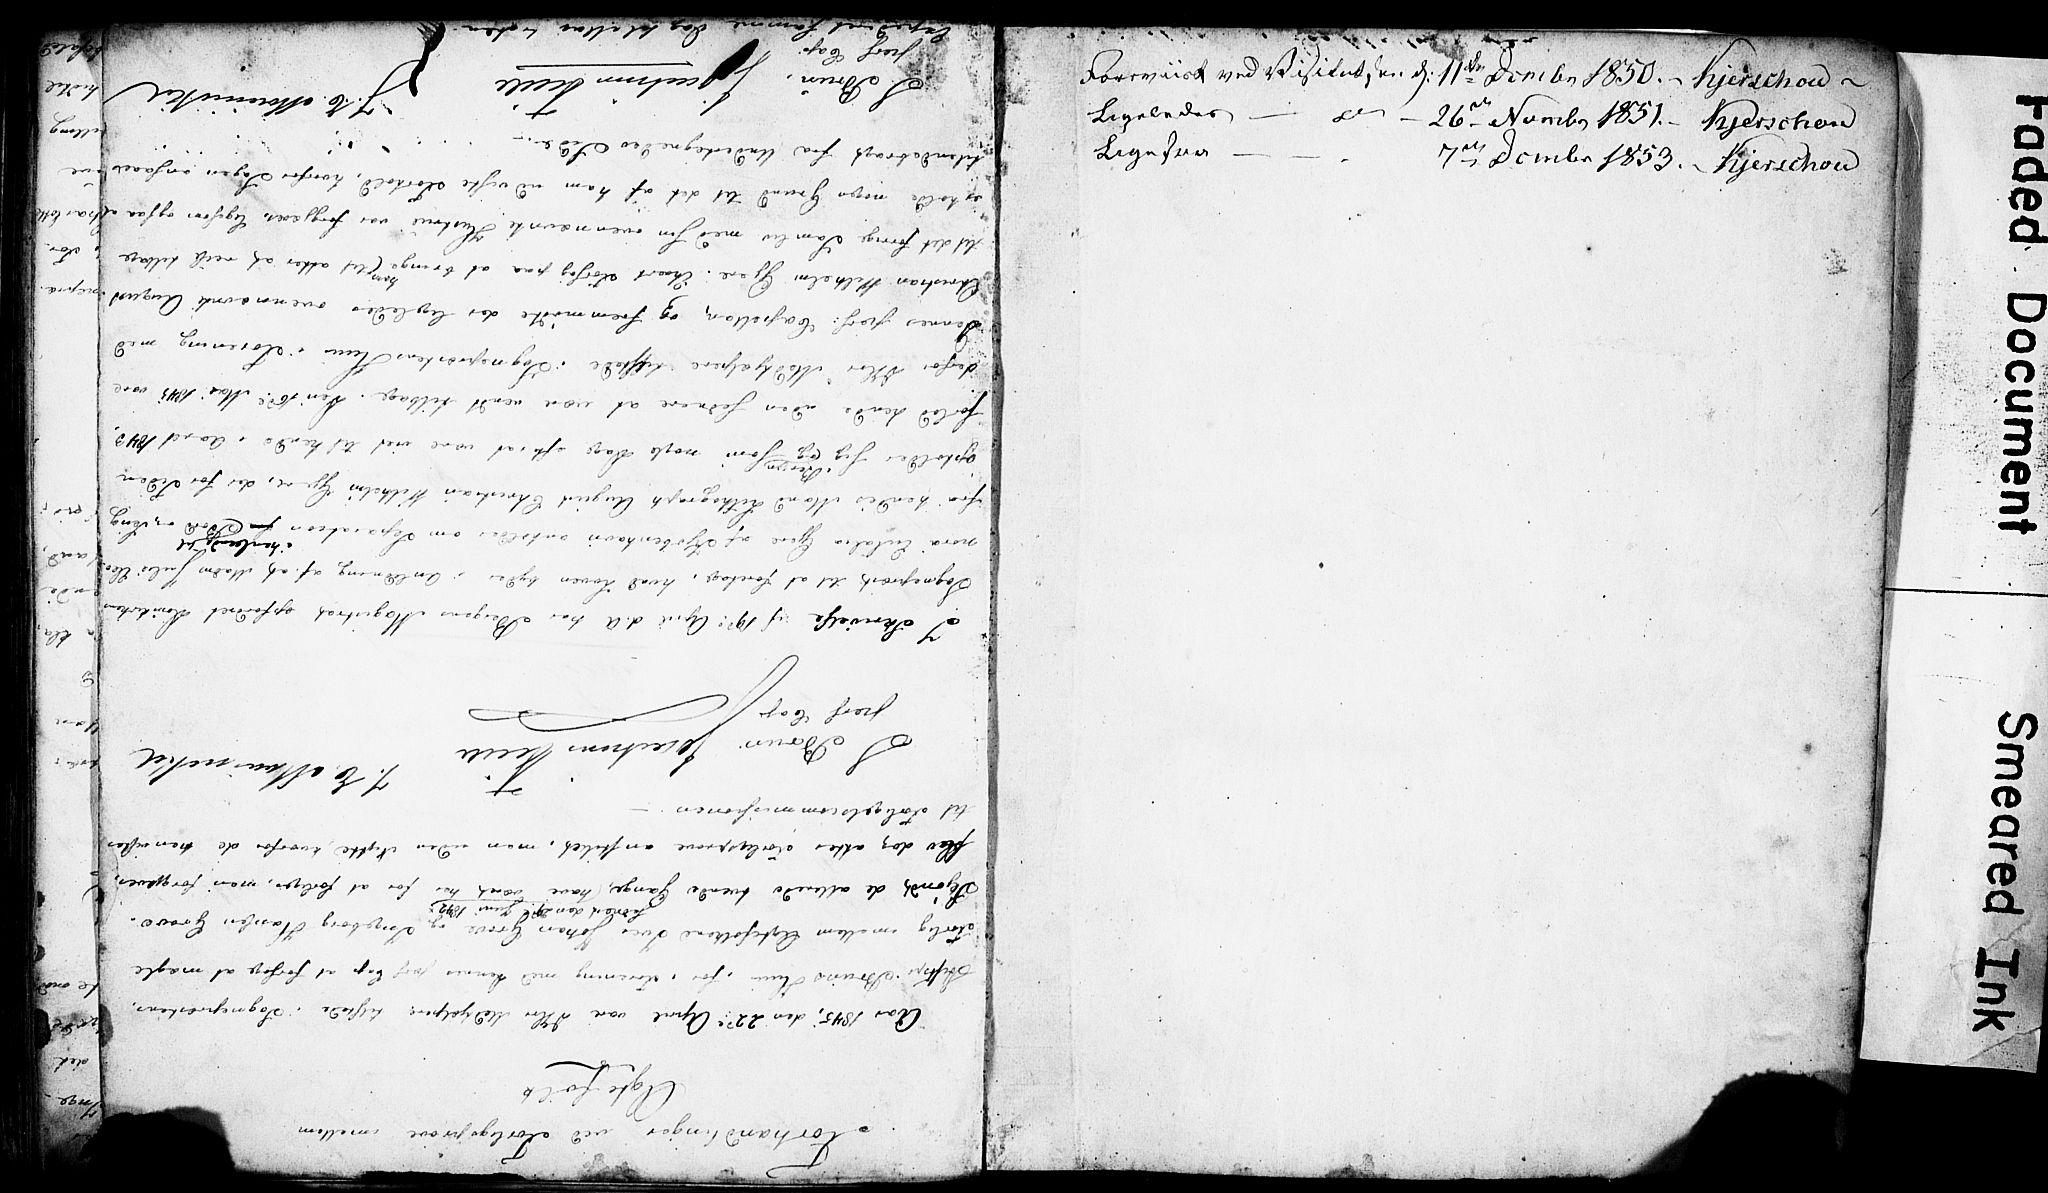 SAB, Domkirken Sokneprestembete, Forlovererklæringer nr. II.5.4, 1845-1852